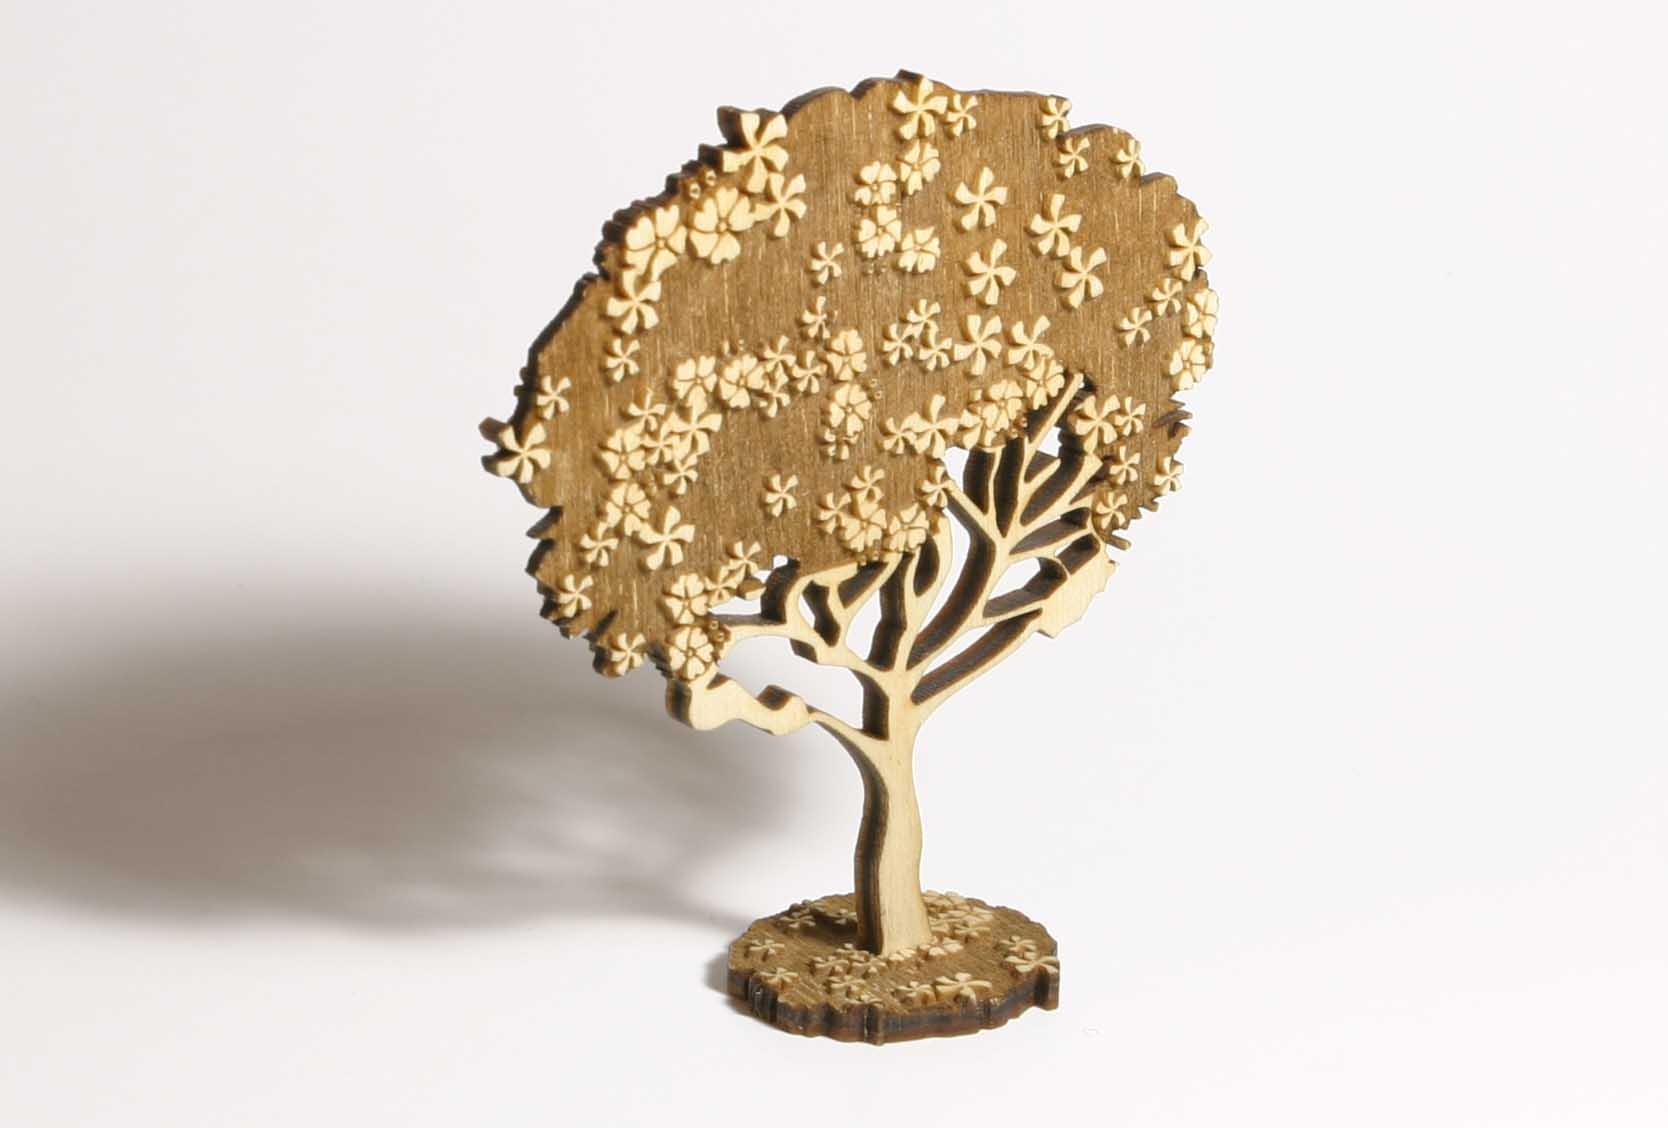 Как сделать деревья в макете фото